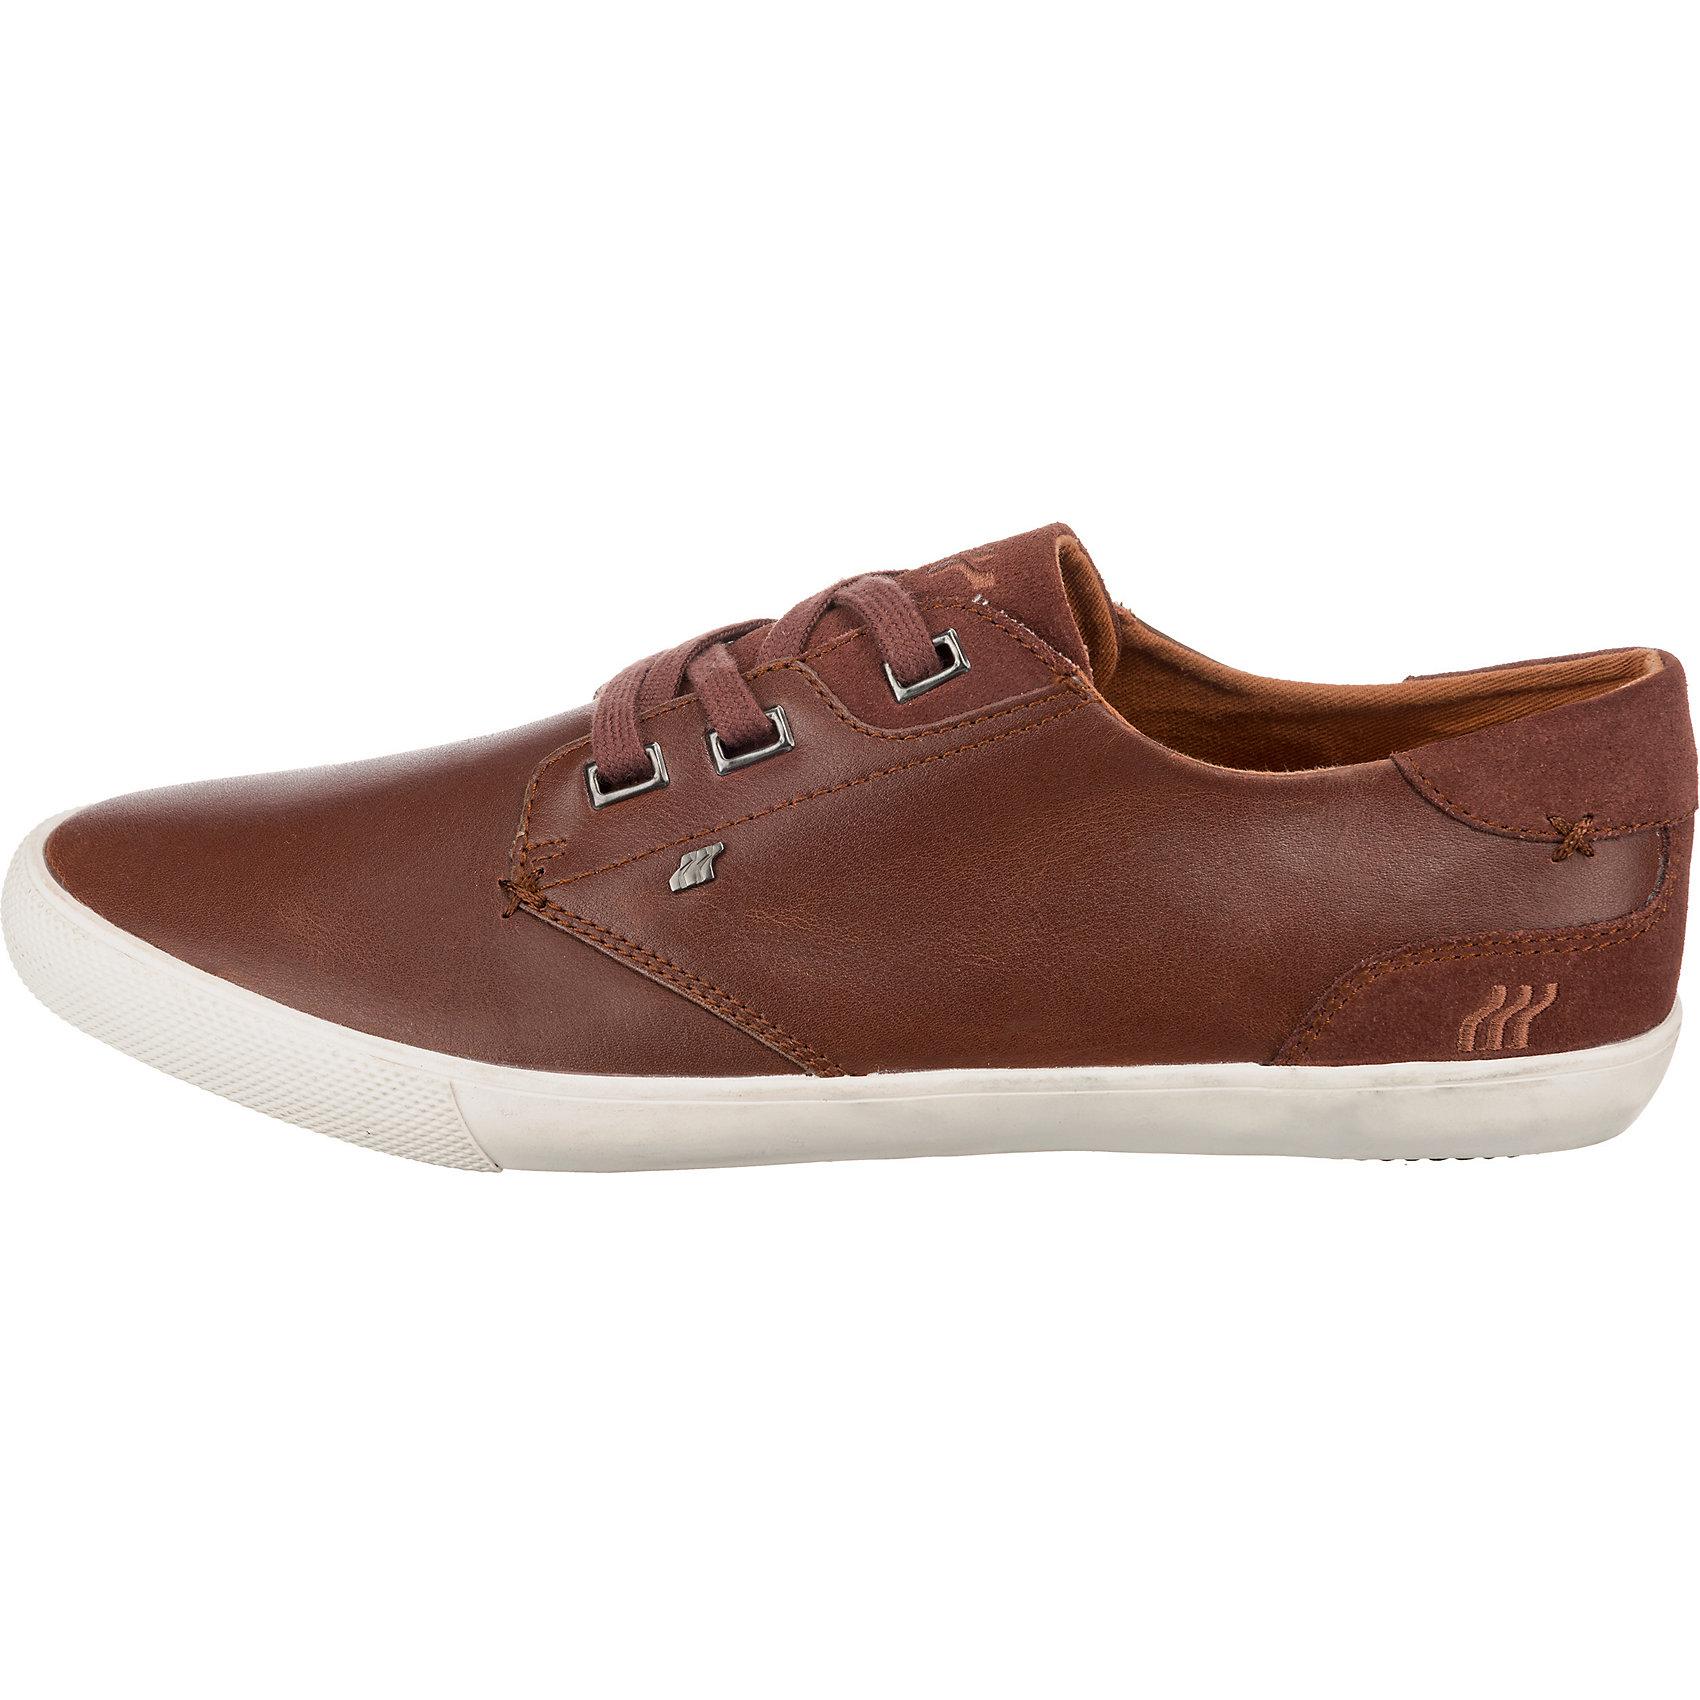 Neu Boxfresh® Stern Sneakers 5773545 für Herren dunkelbraun